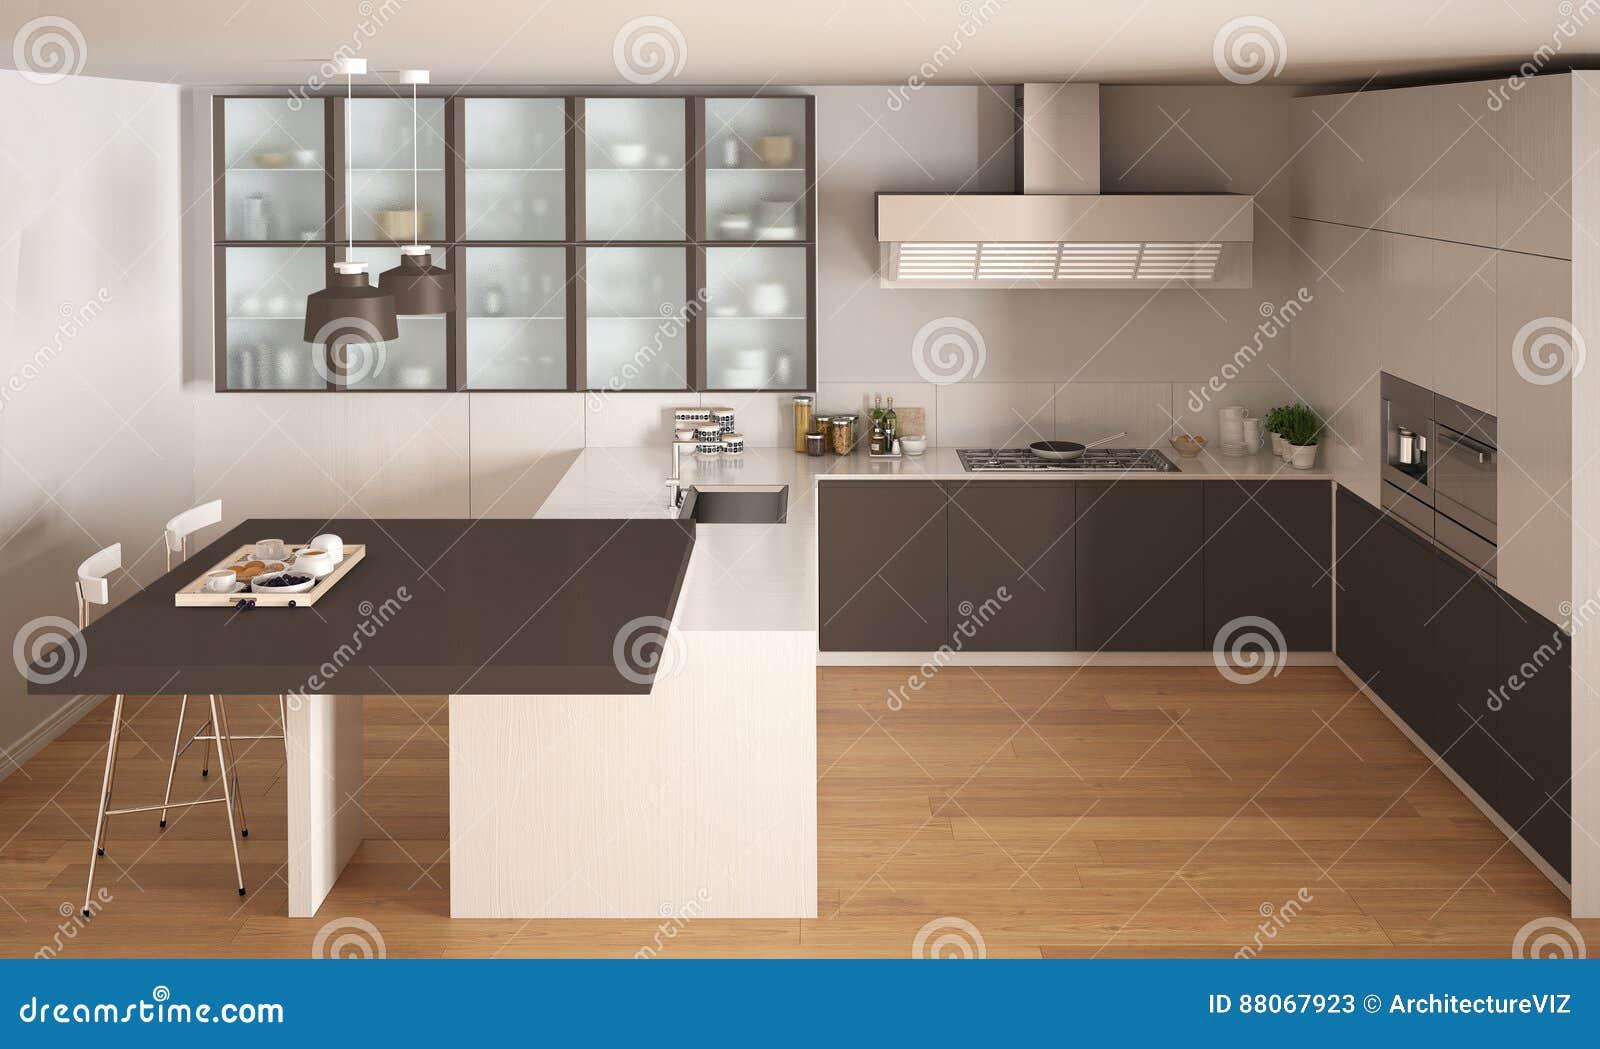 Klassische Minimale Weiße Und Braune Küche Mit Parkettboden, Modus ...